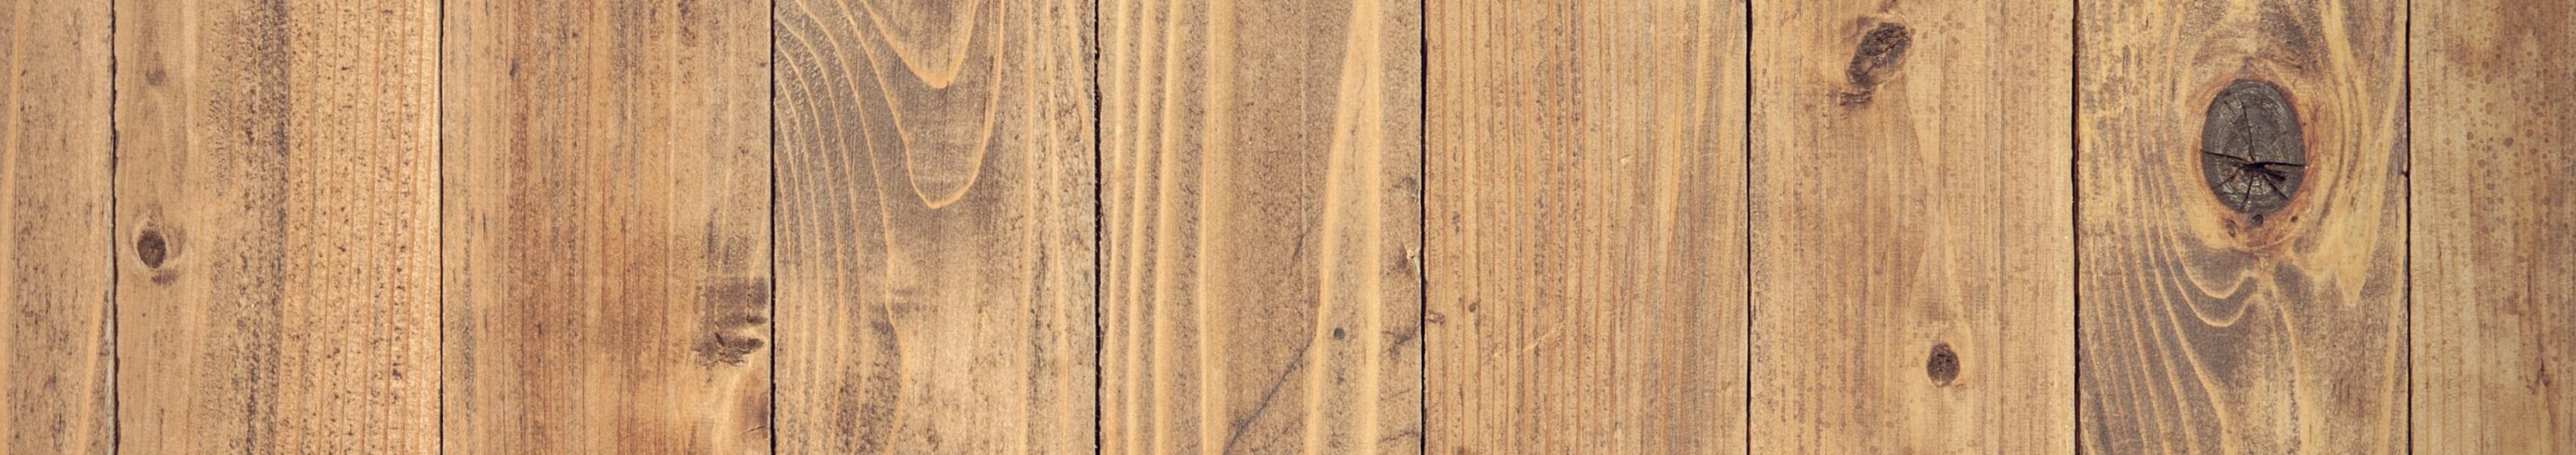 50mm x 22mm  (2 x 1) Timber Battens